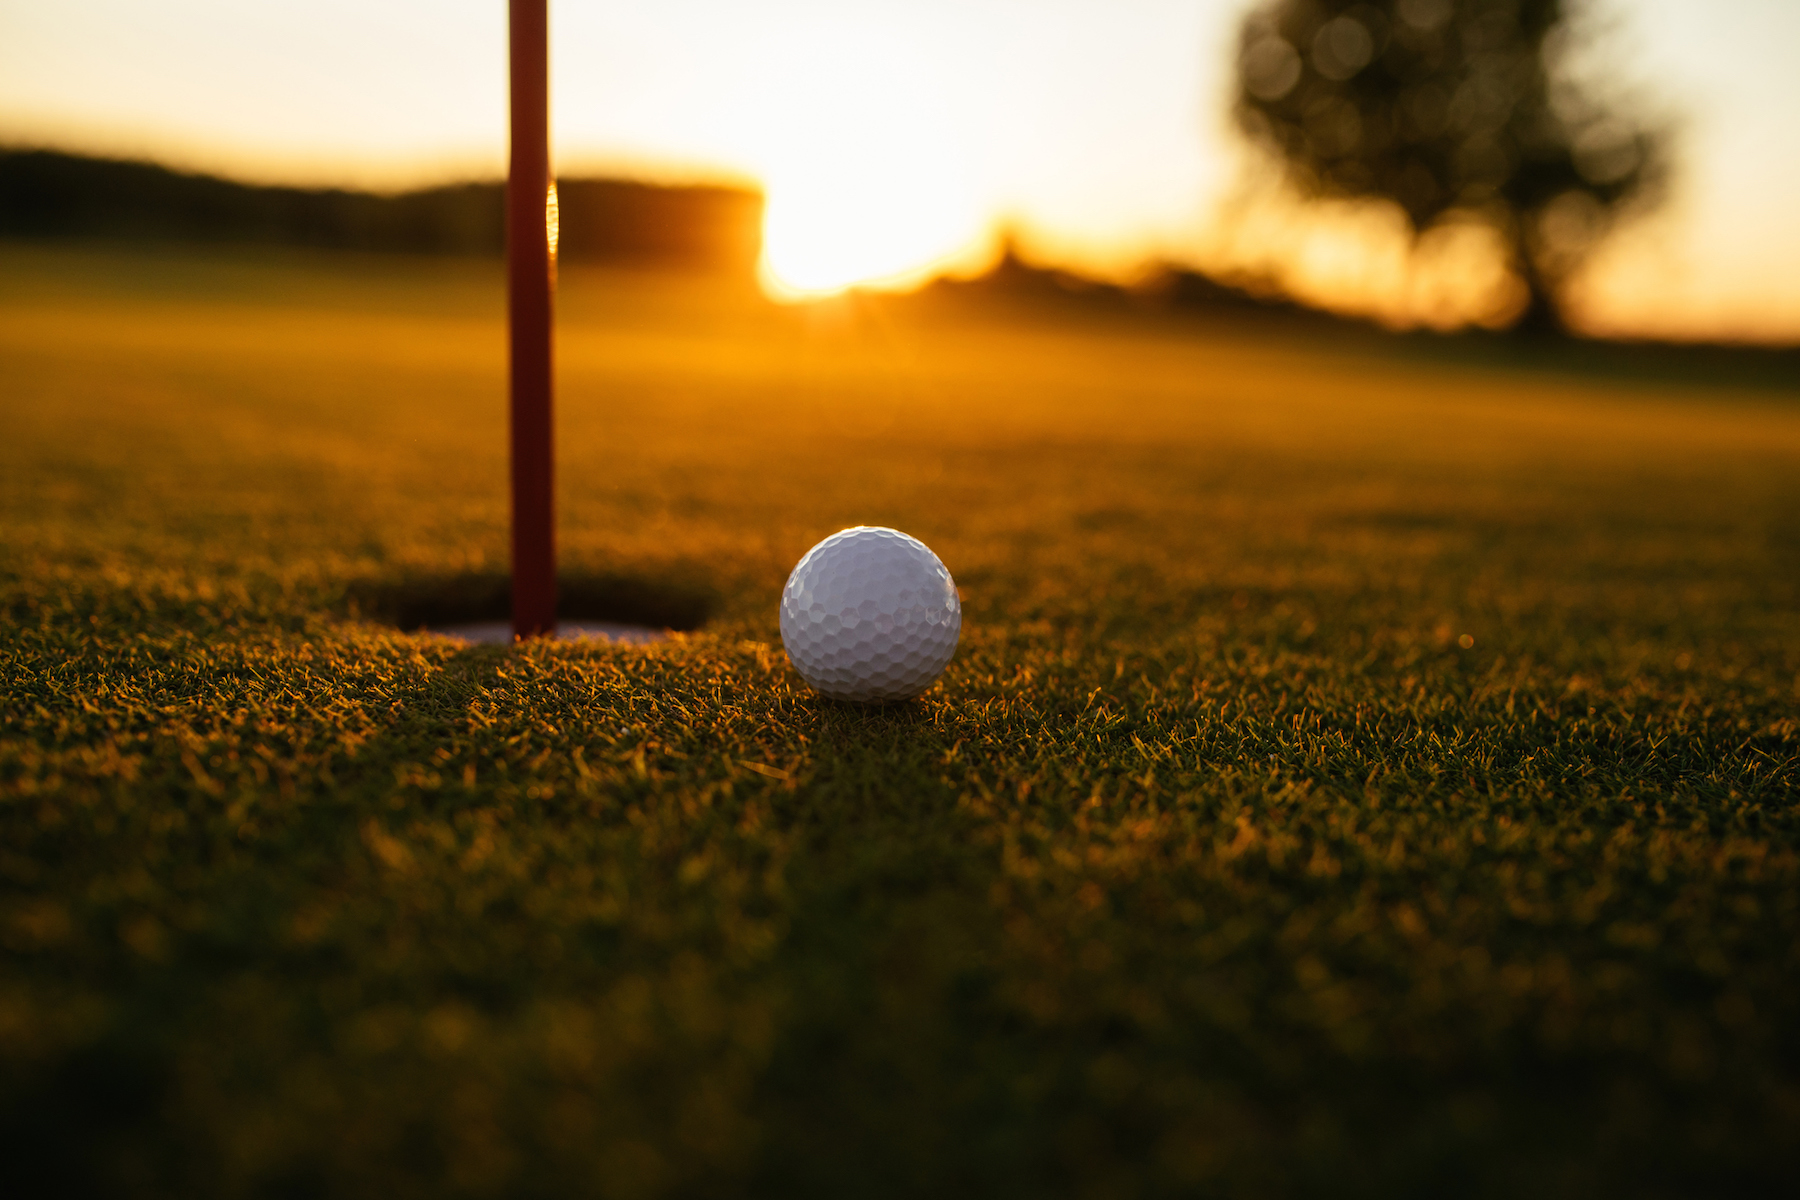 Golf ball on fairway at sunset.